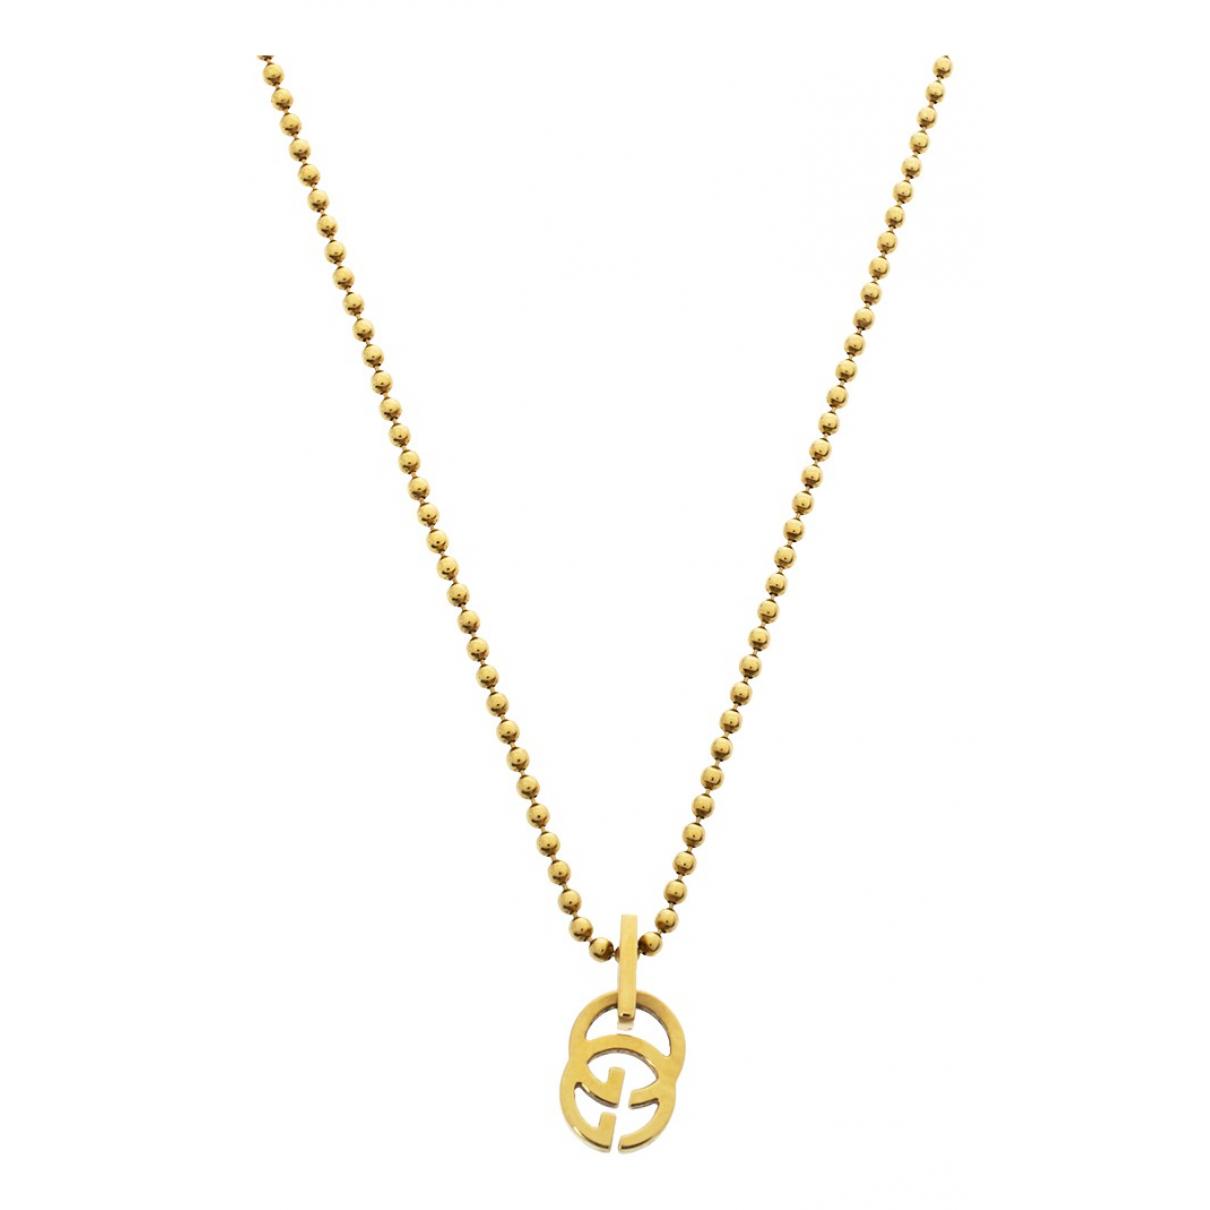 Gucci - Collier   pour femme en or jaune - jaune